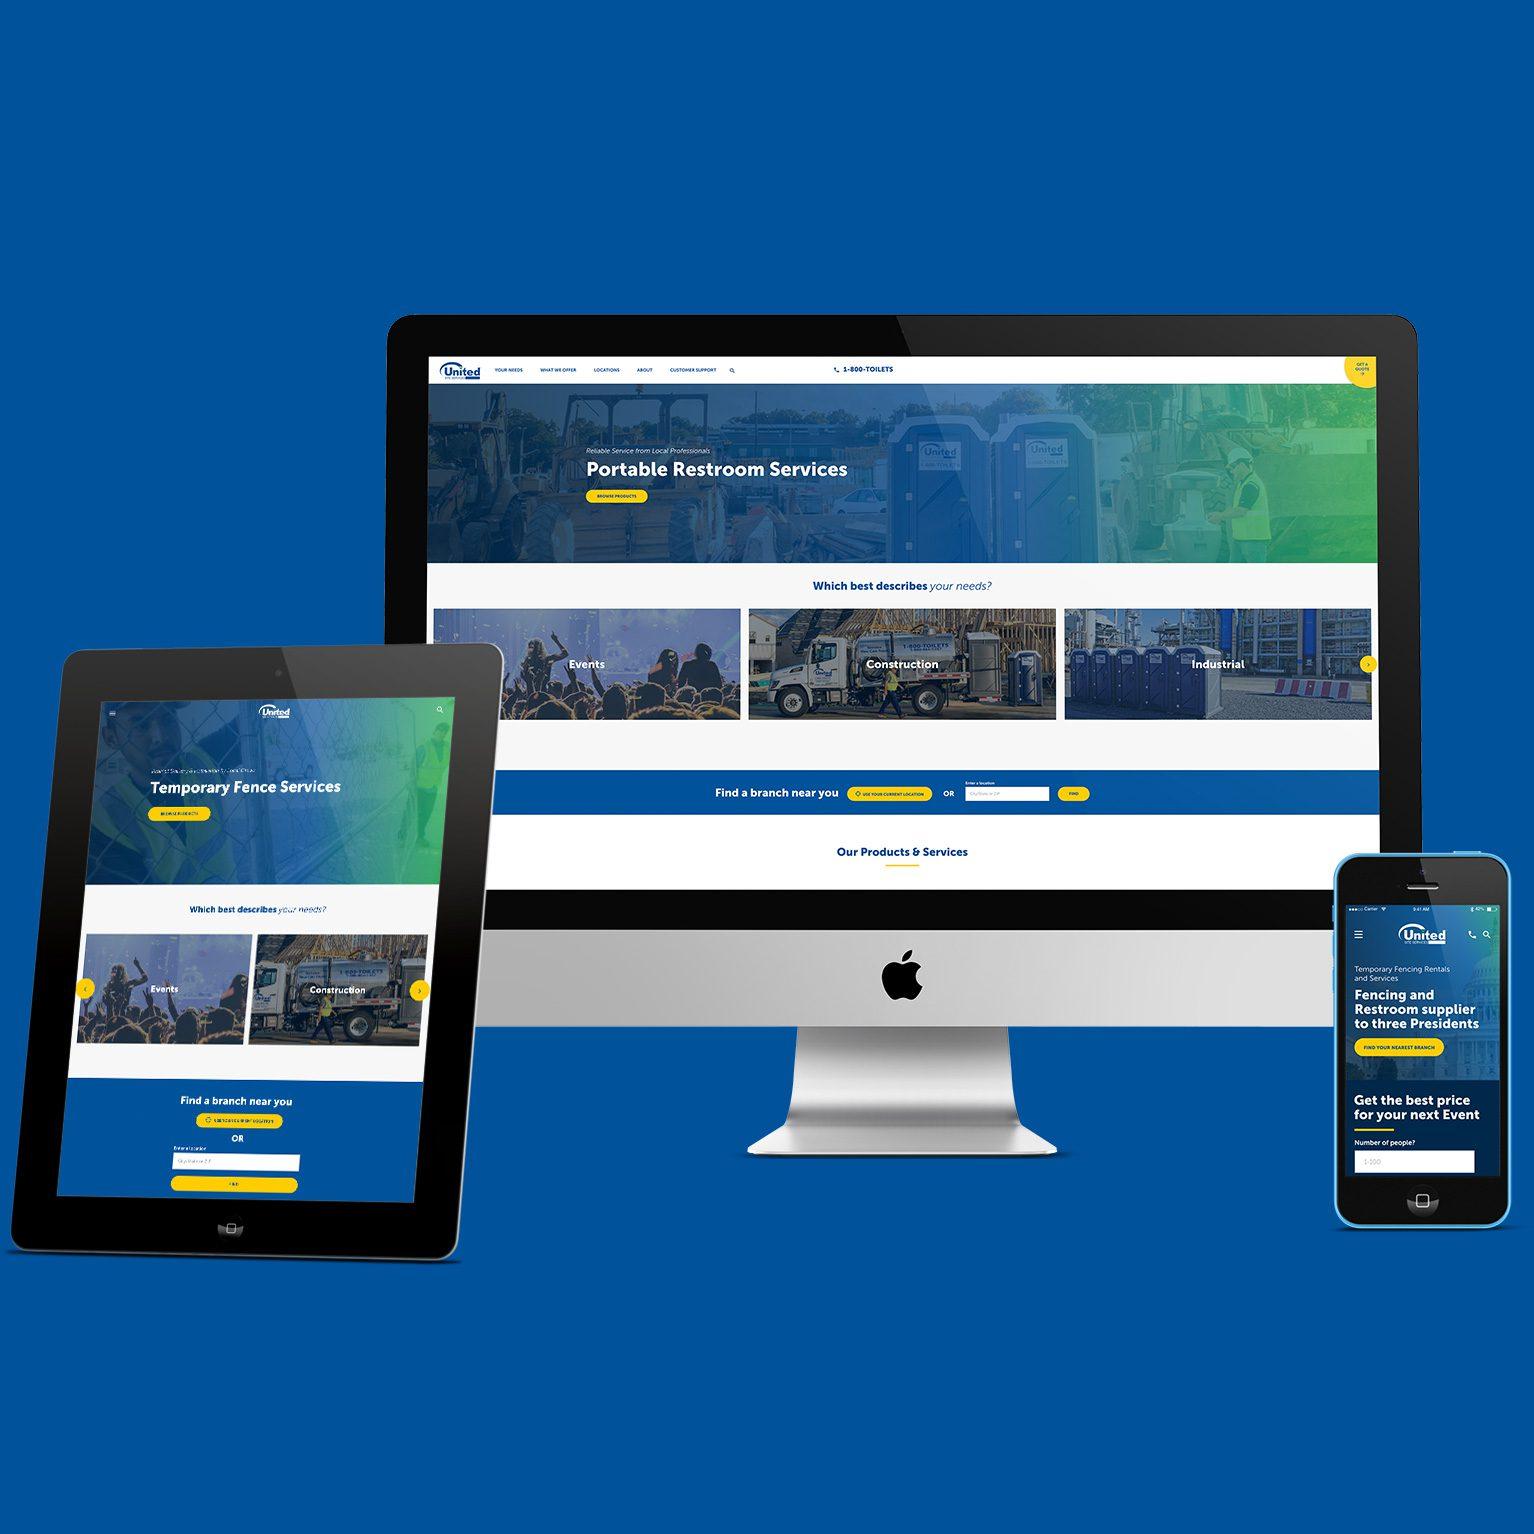 USS responsive website